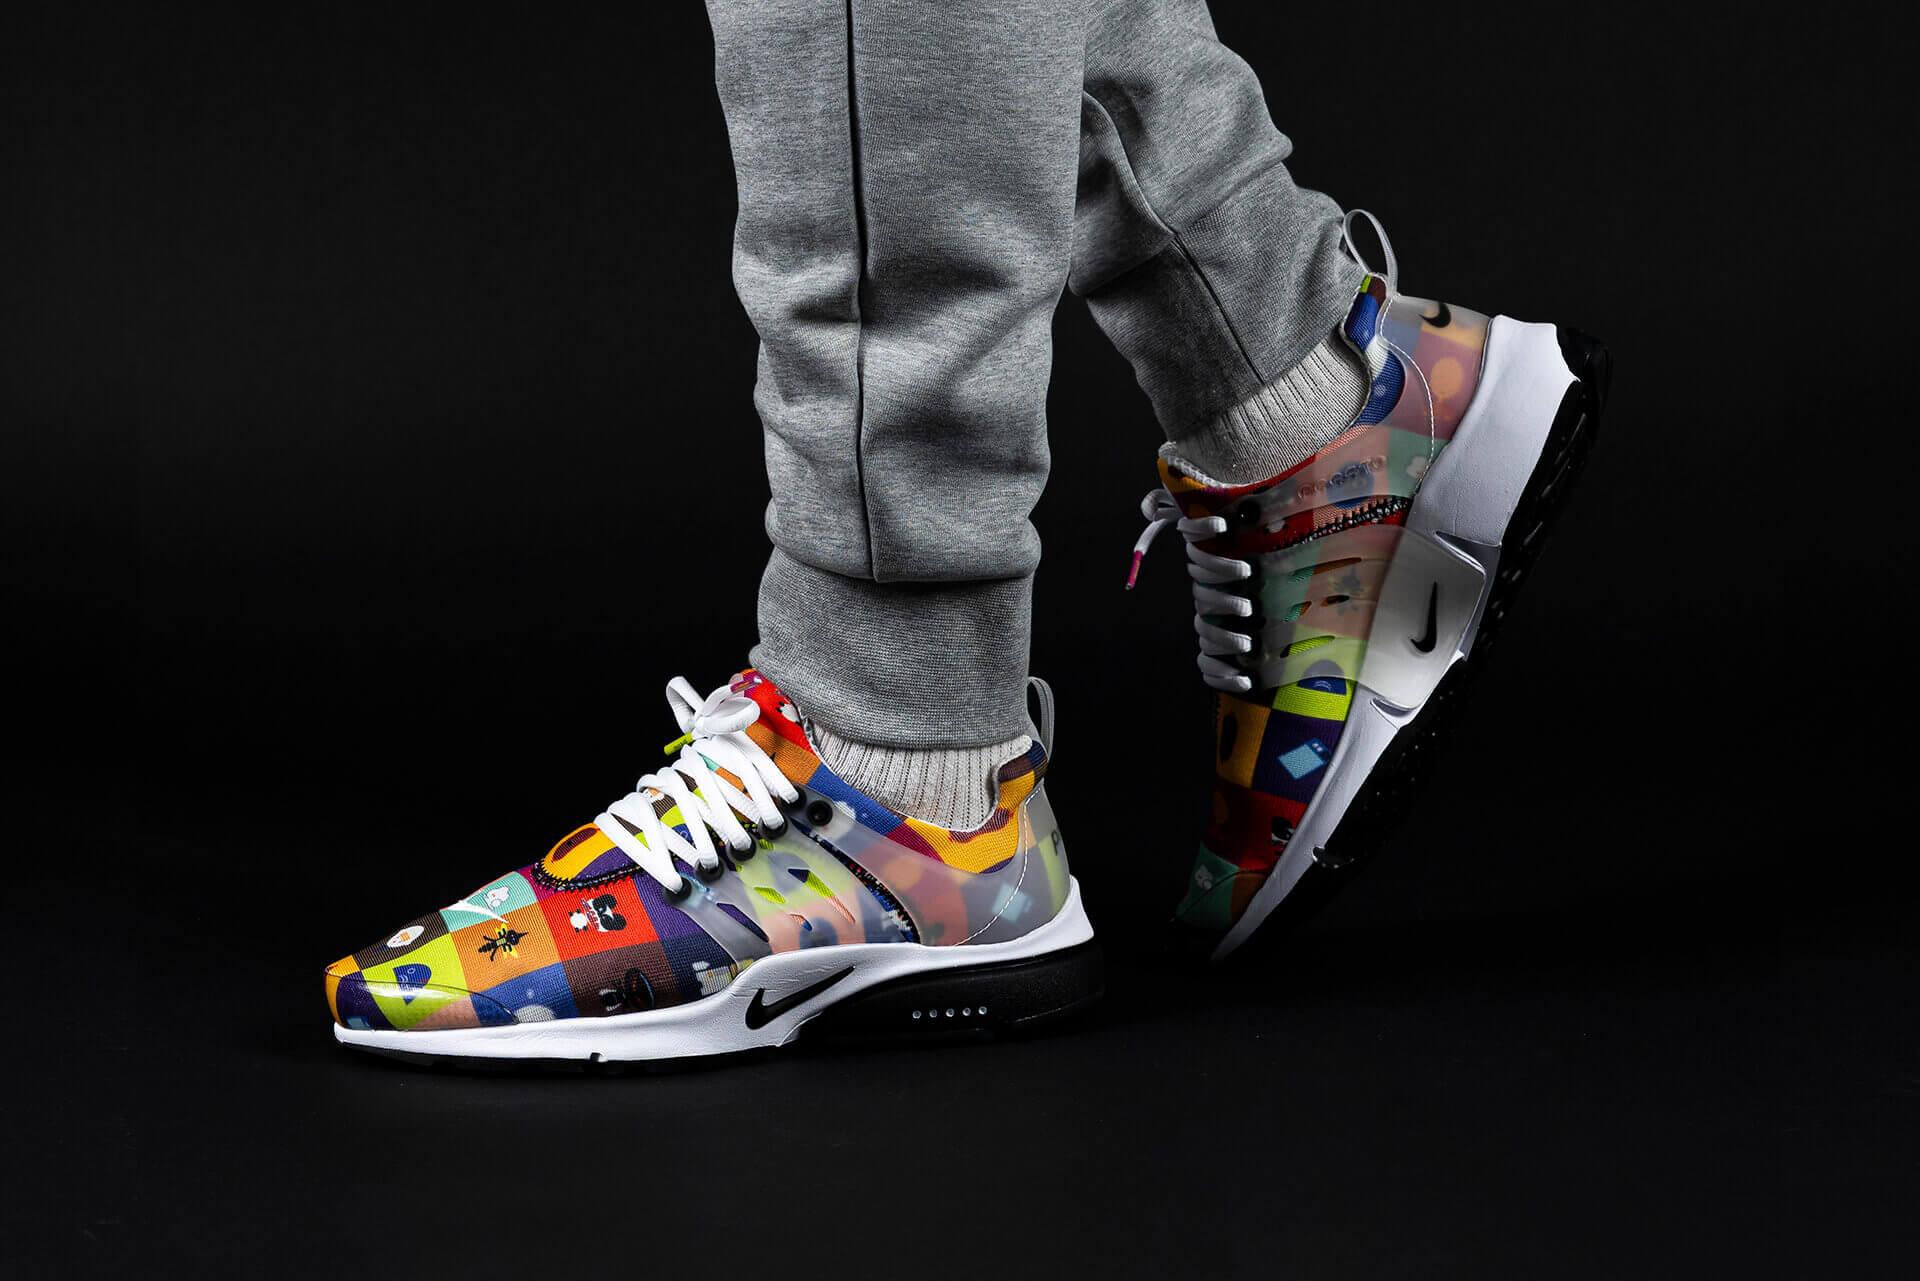 zeigt Air Presto von Nike